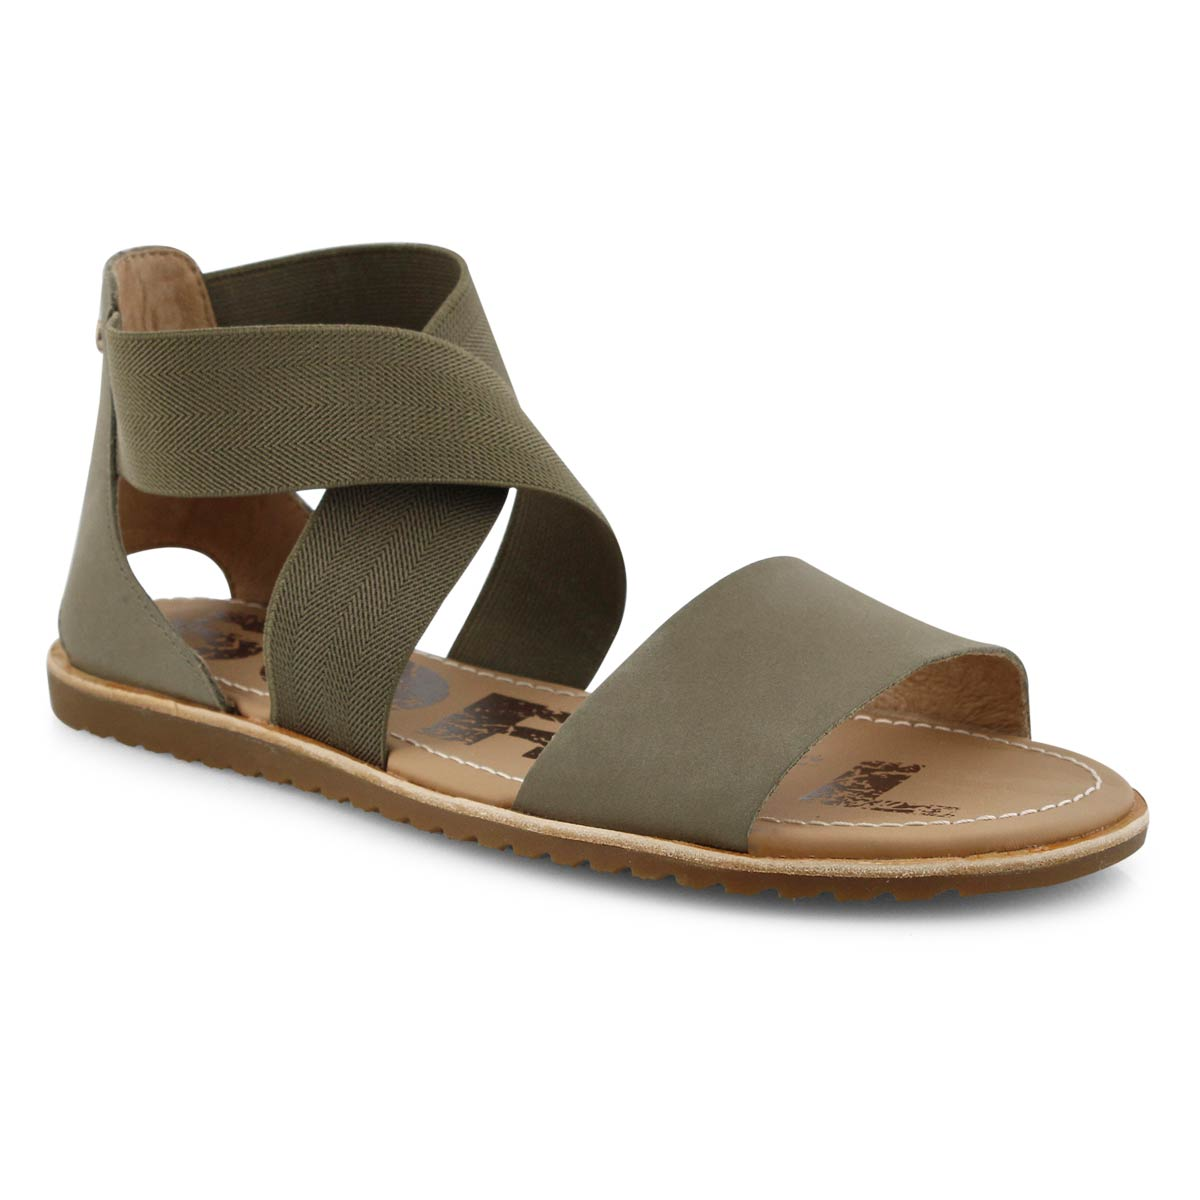 Sandales décontractées ELLA, sauge, femmes